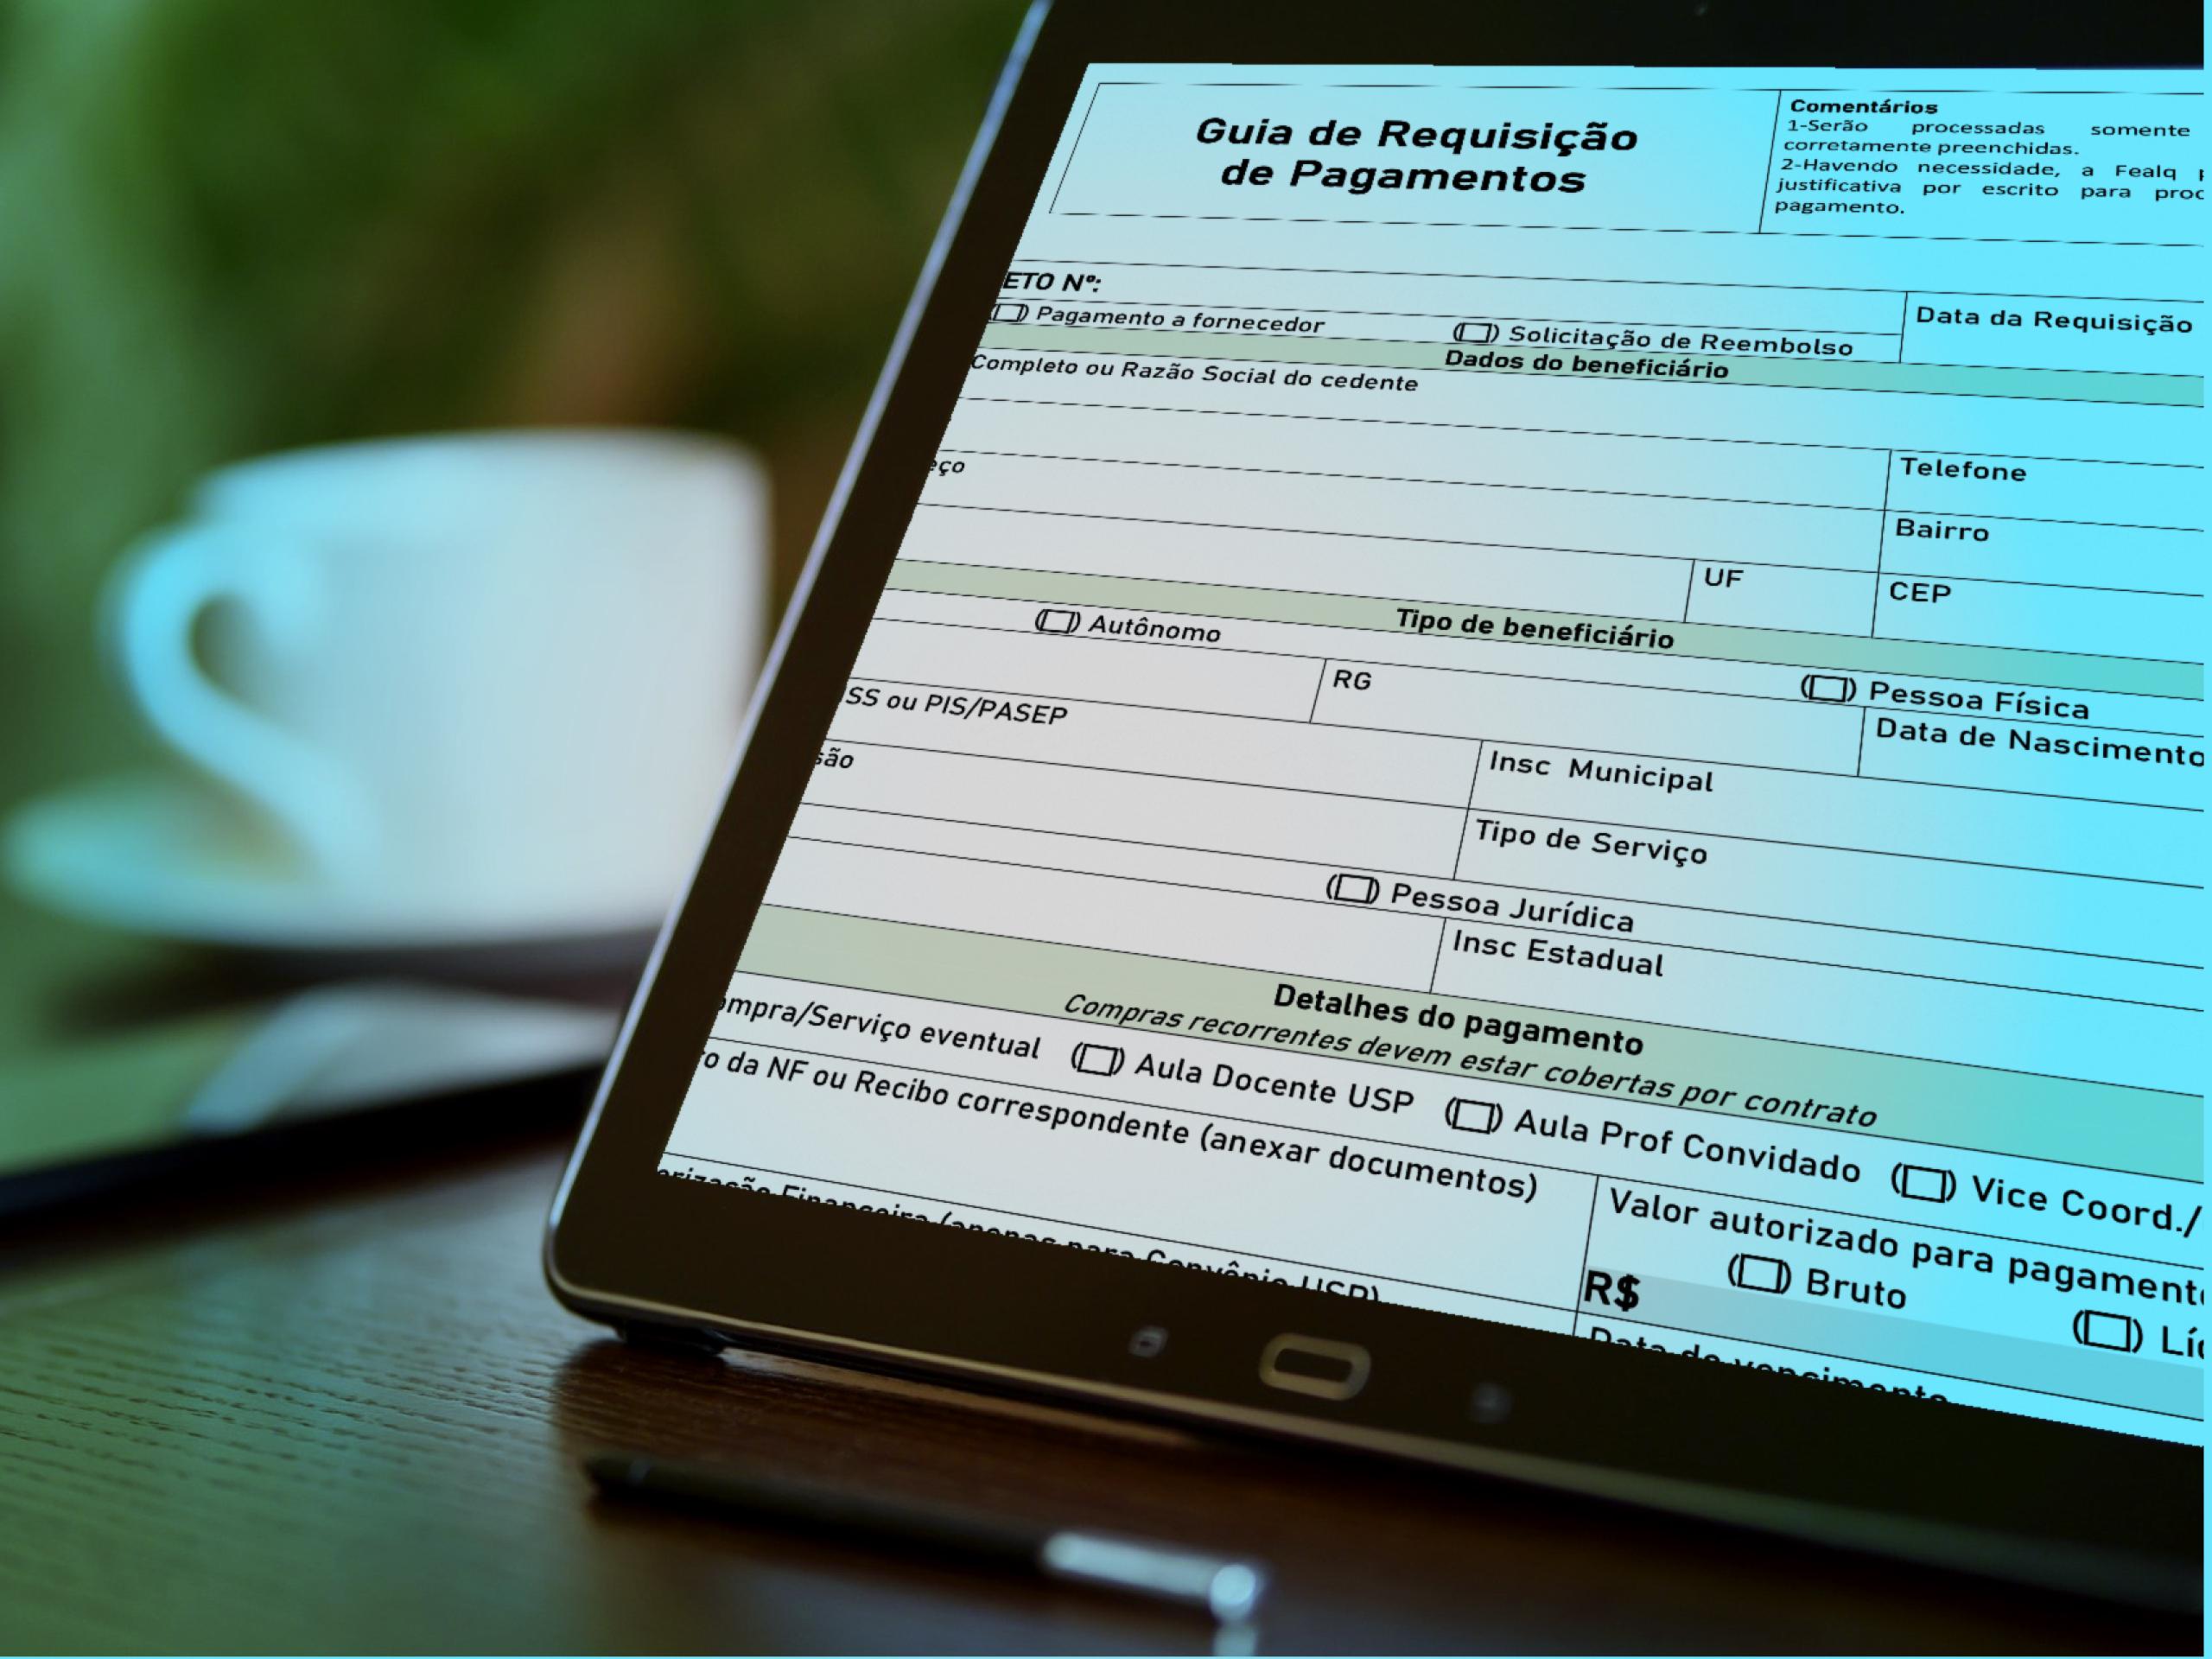 https://fealq.org.br/conheca-os-novos-formularios-financeiros-da-fealq/